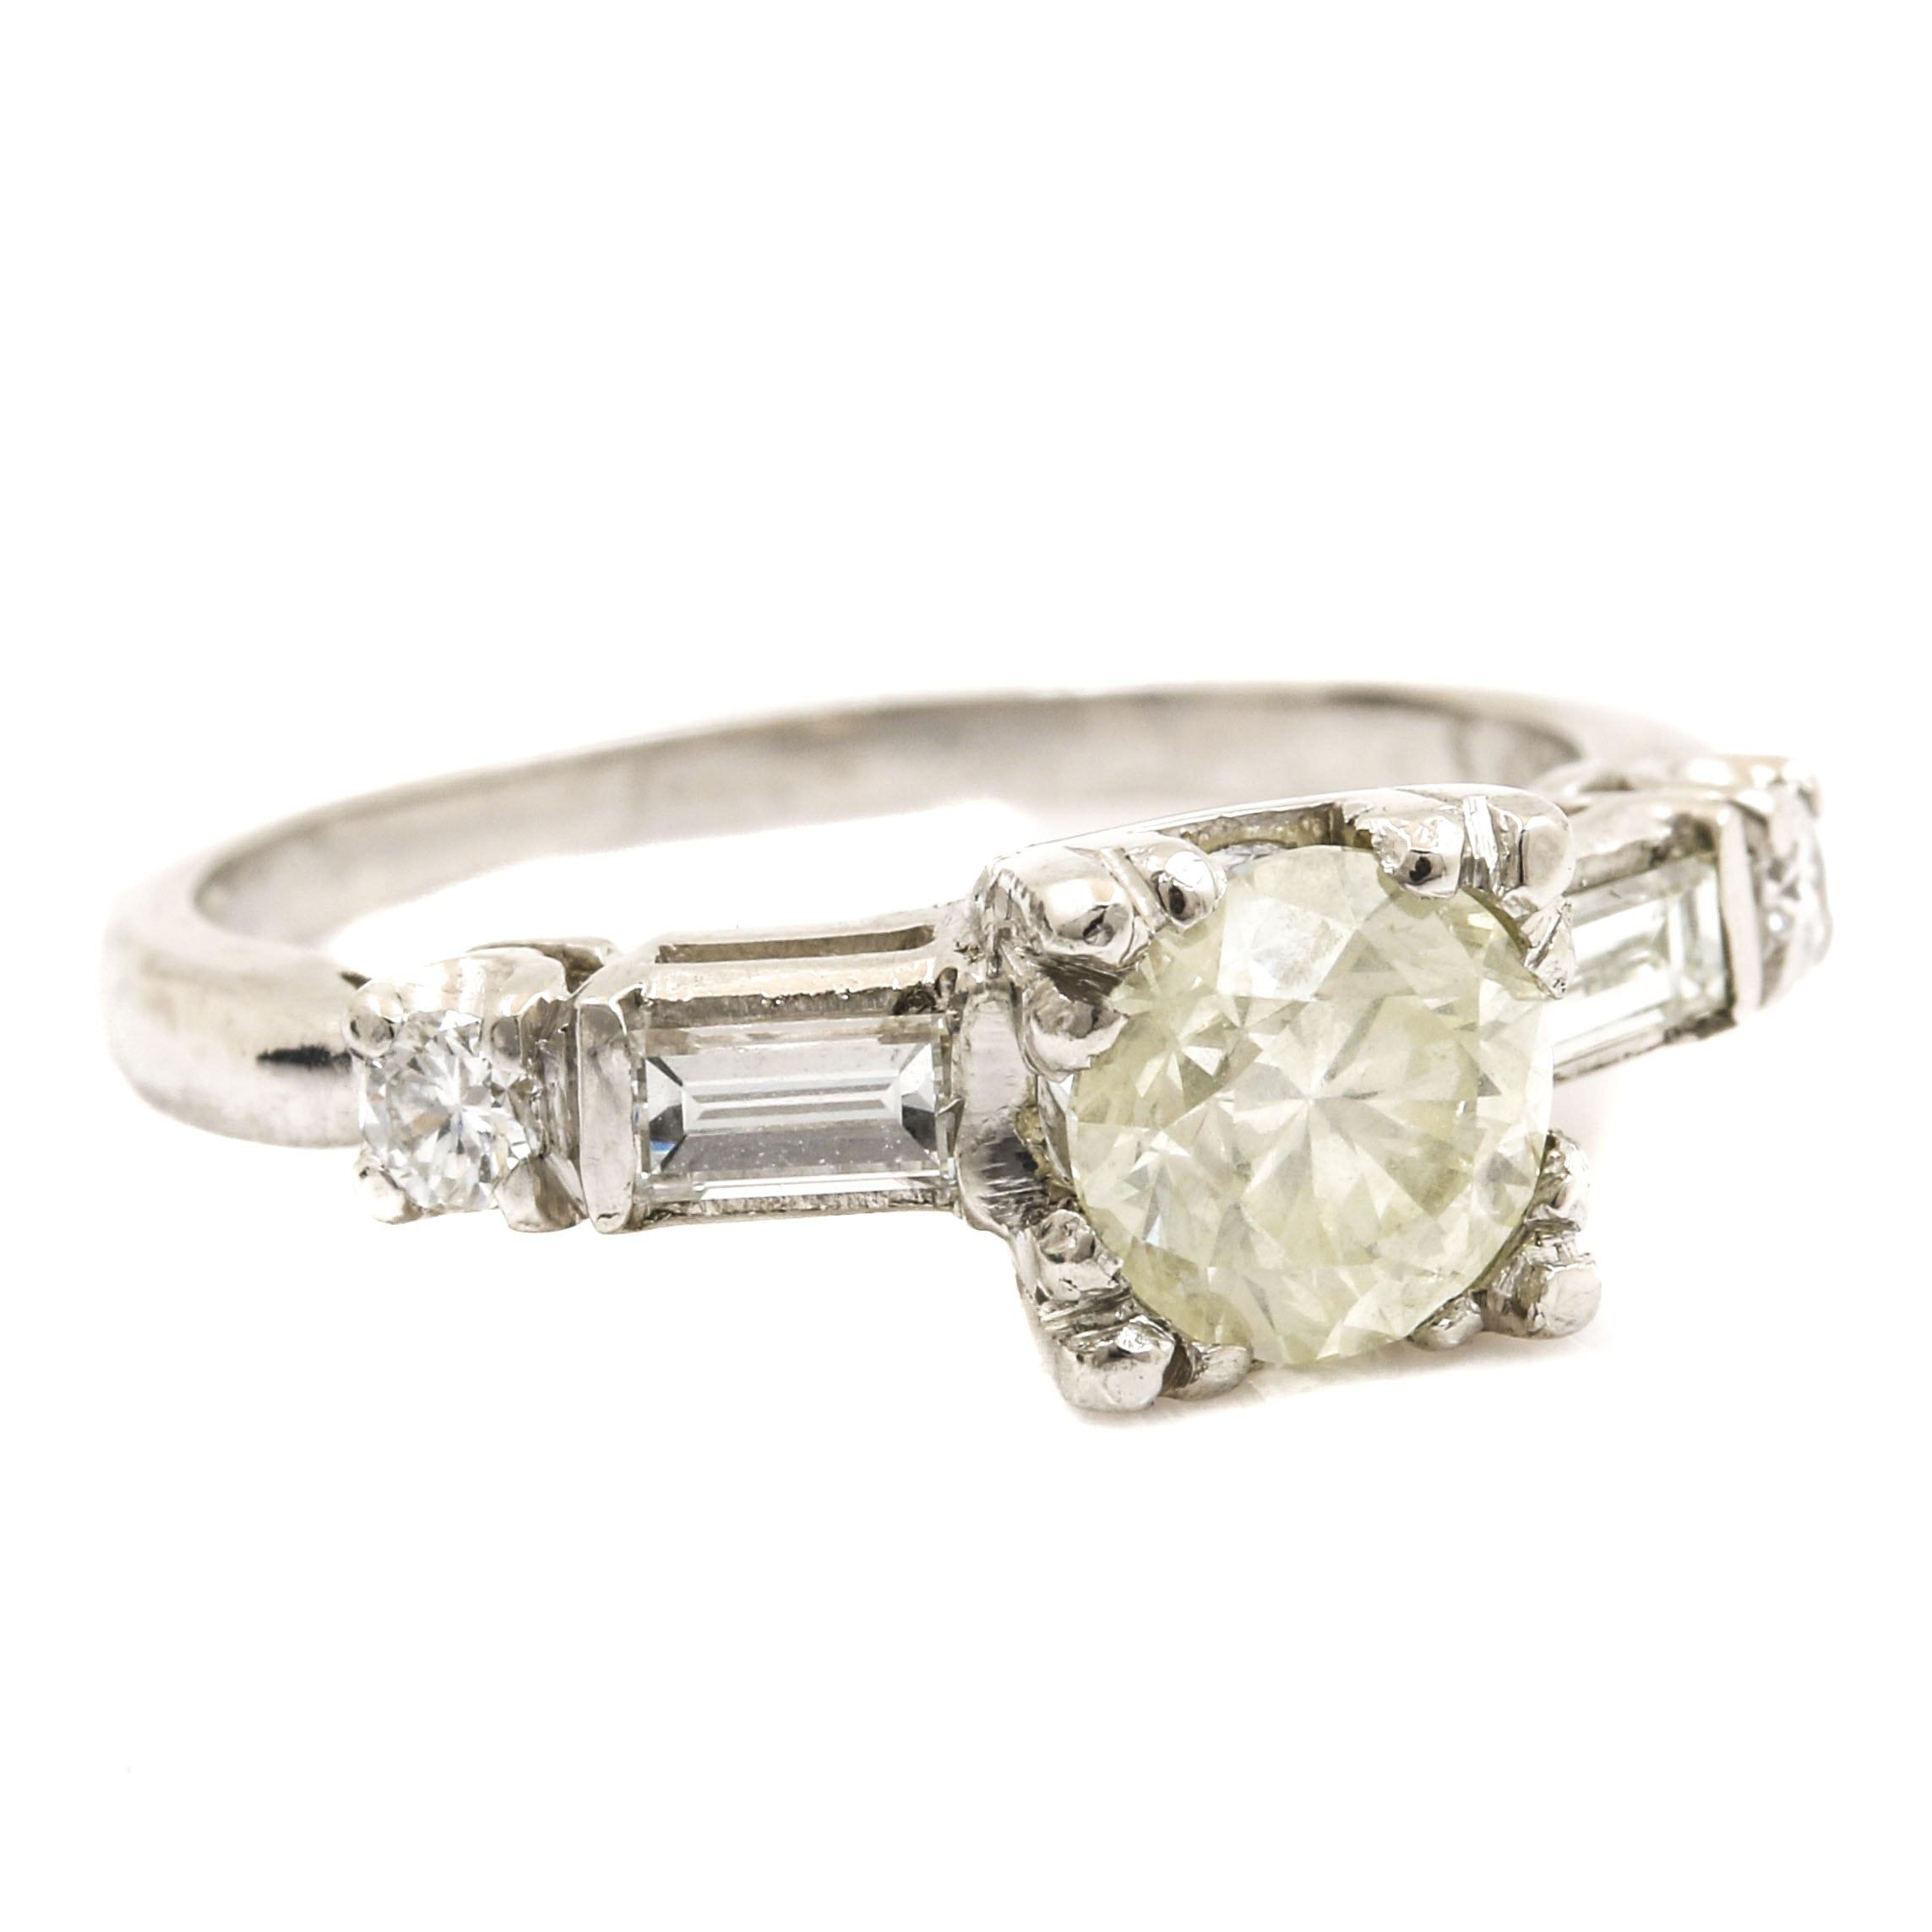 Platinum and 1.10 CTW Diamond Ring